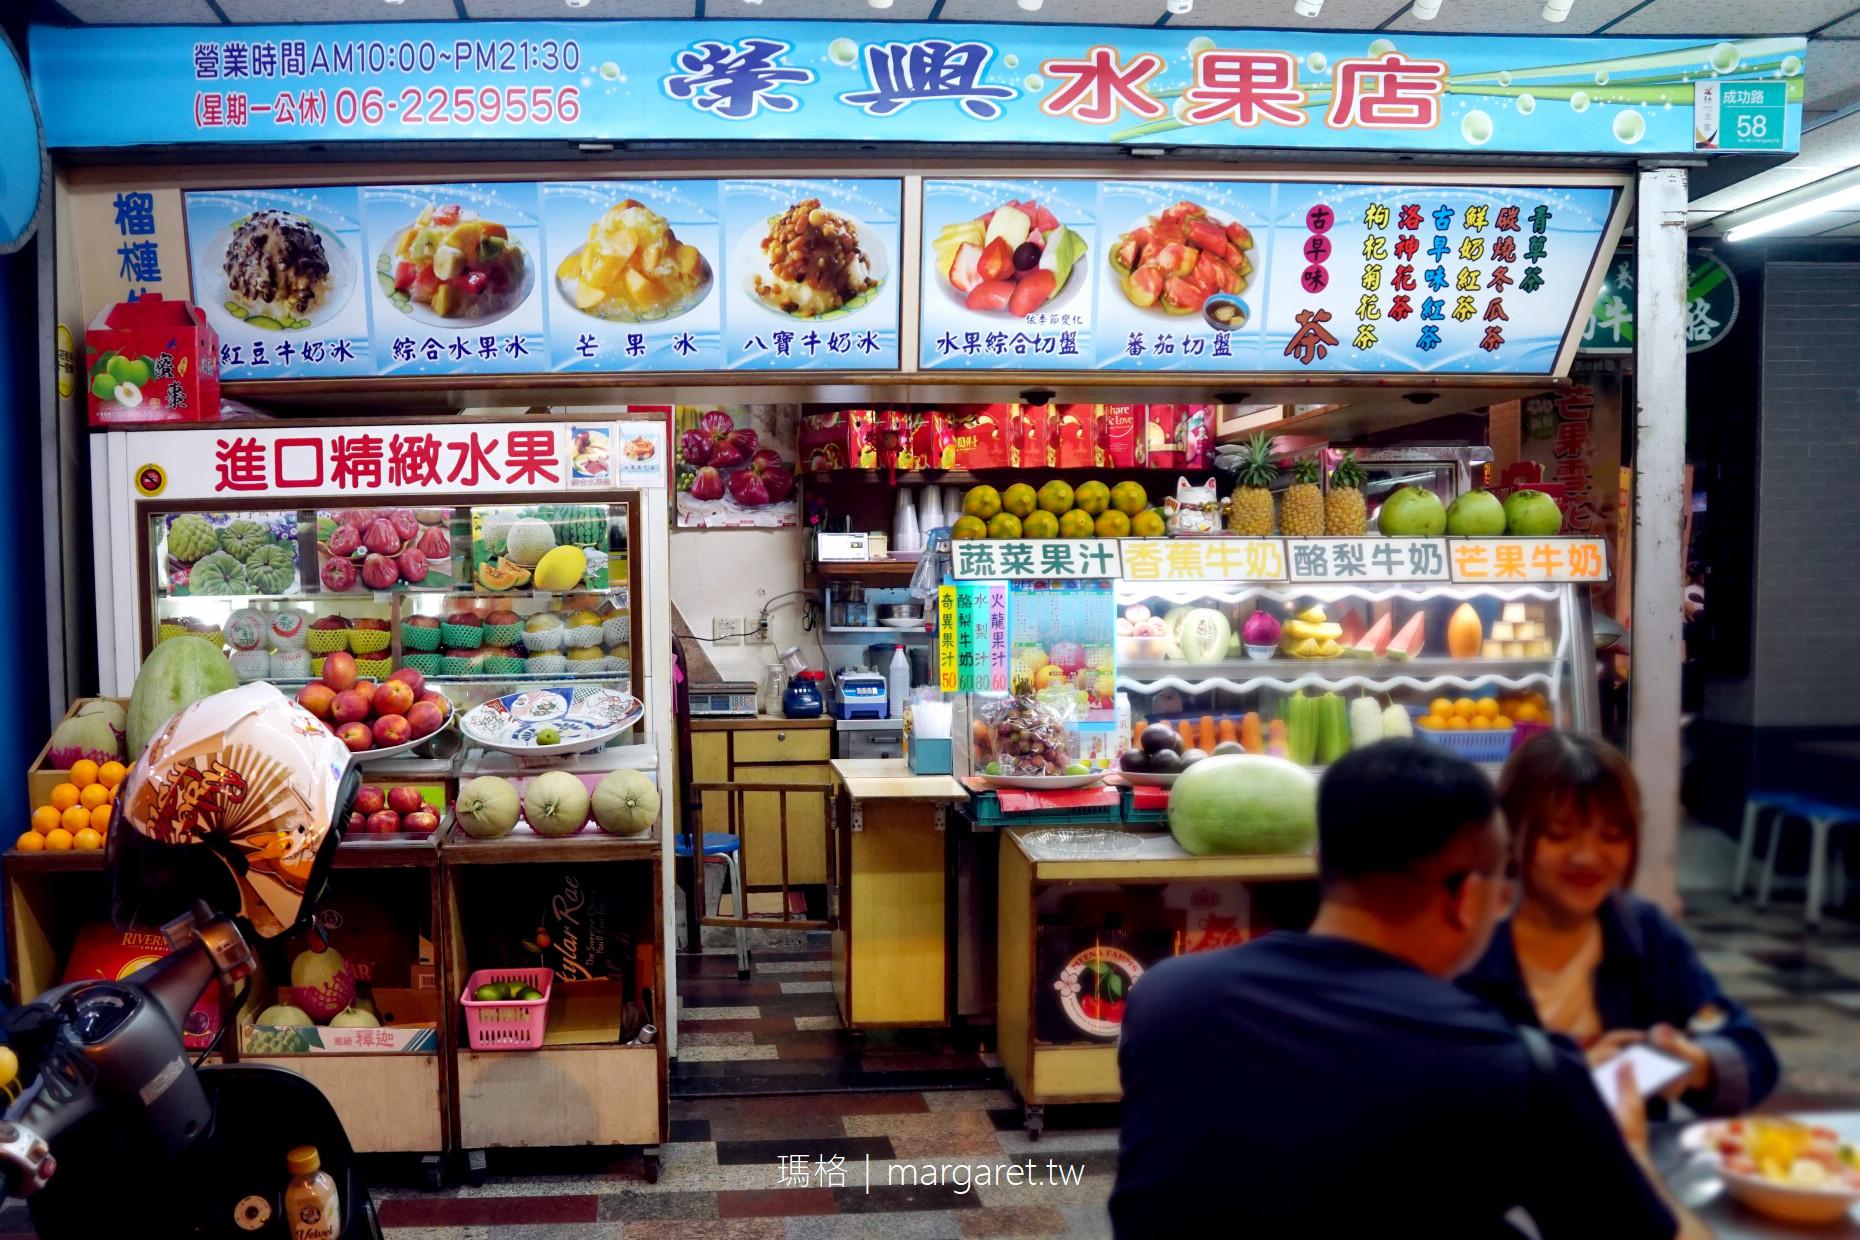 榮興水果店。台南70老店 老闆娘大推酪梨牛奶加布丁